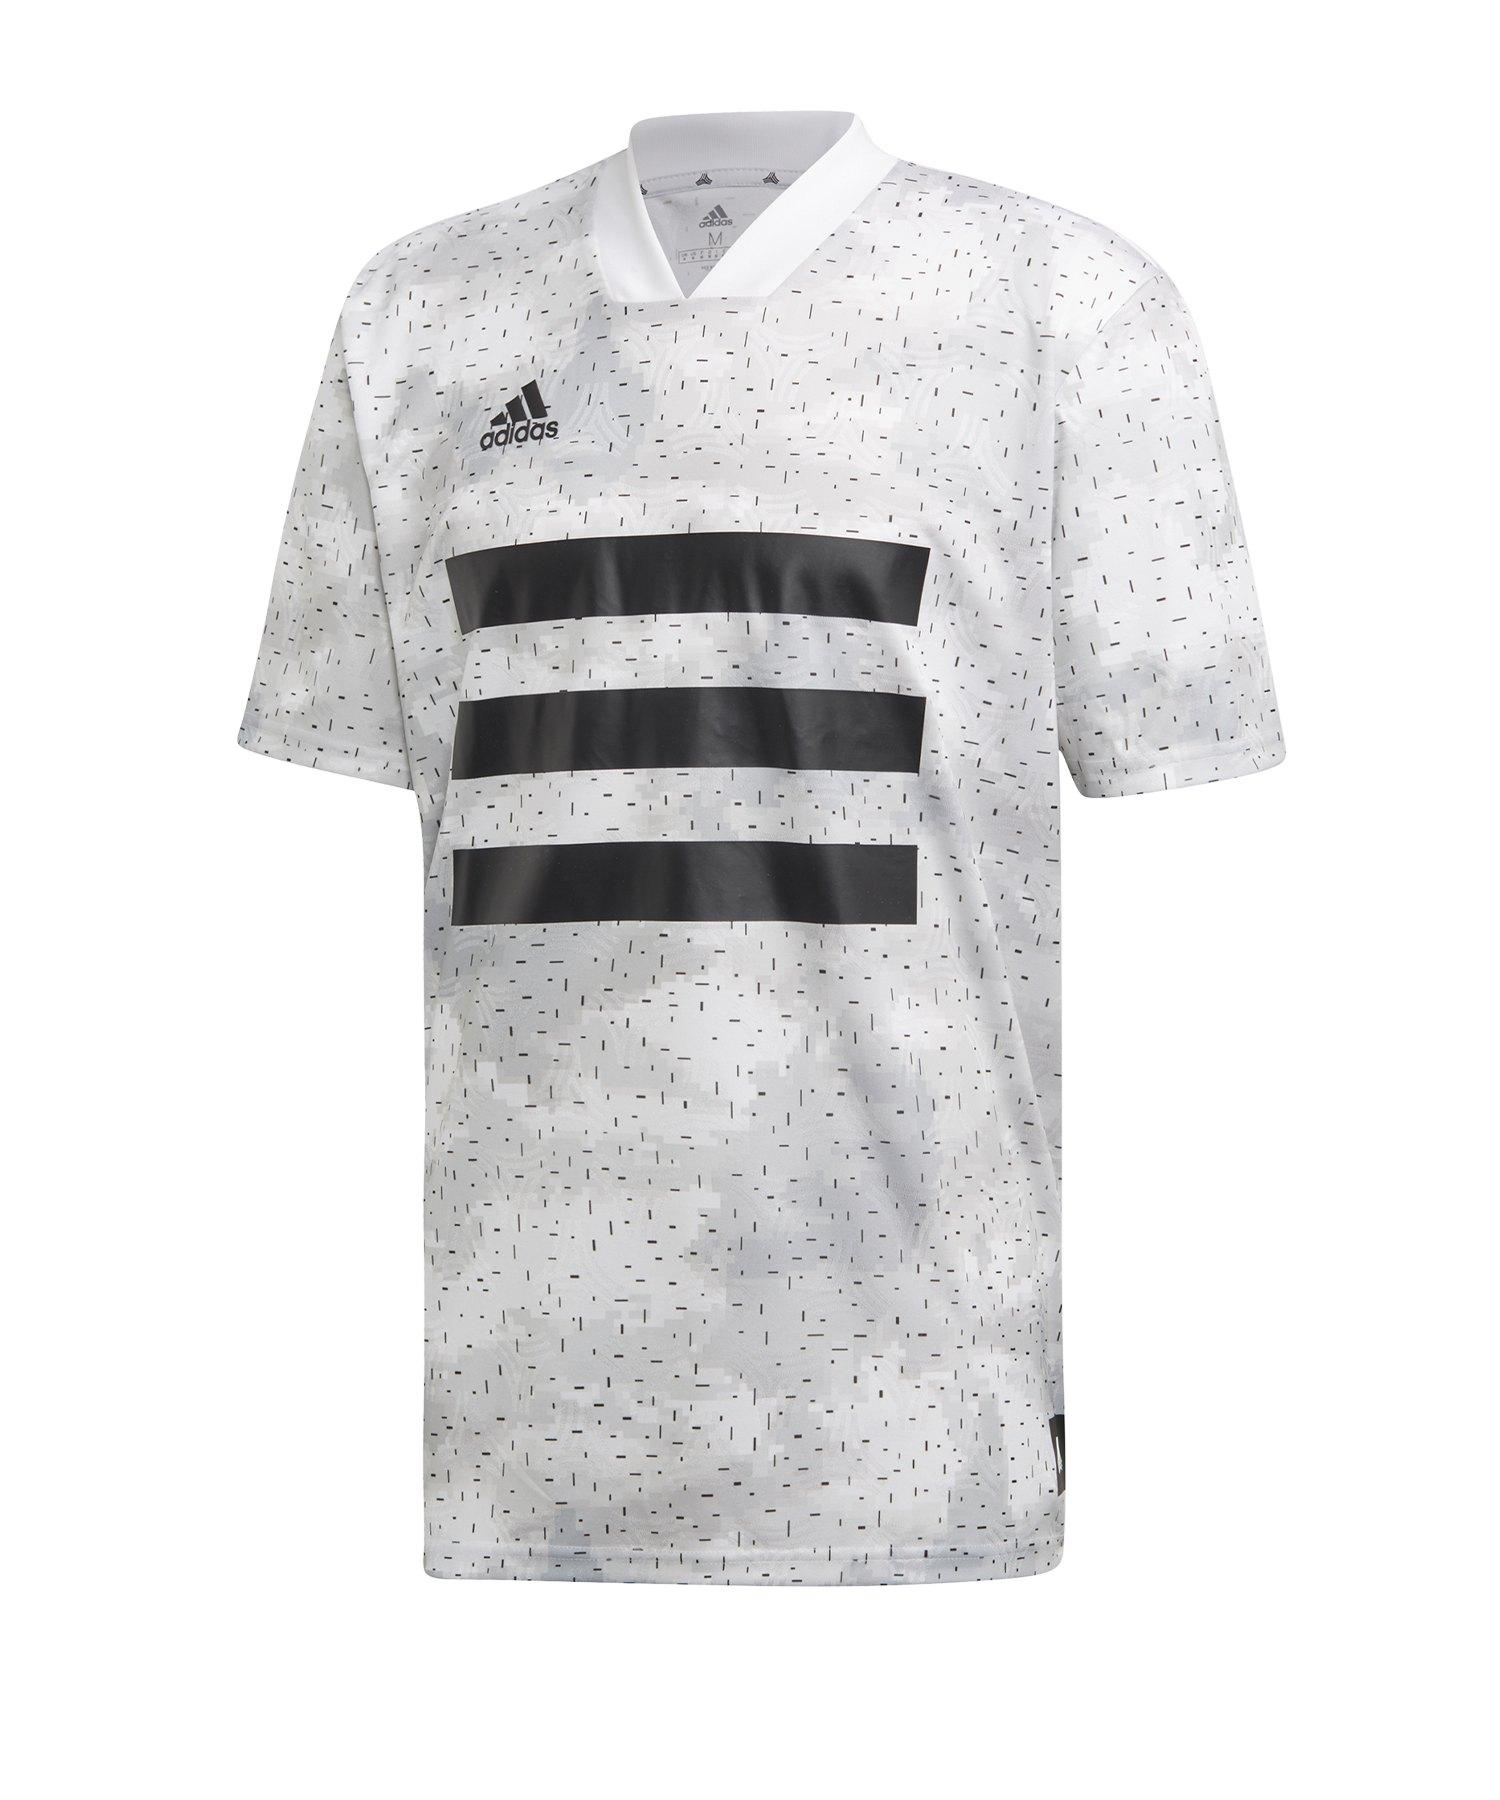 adidas Tango Tee T-Shirt Weiss - weiss